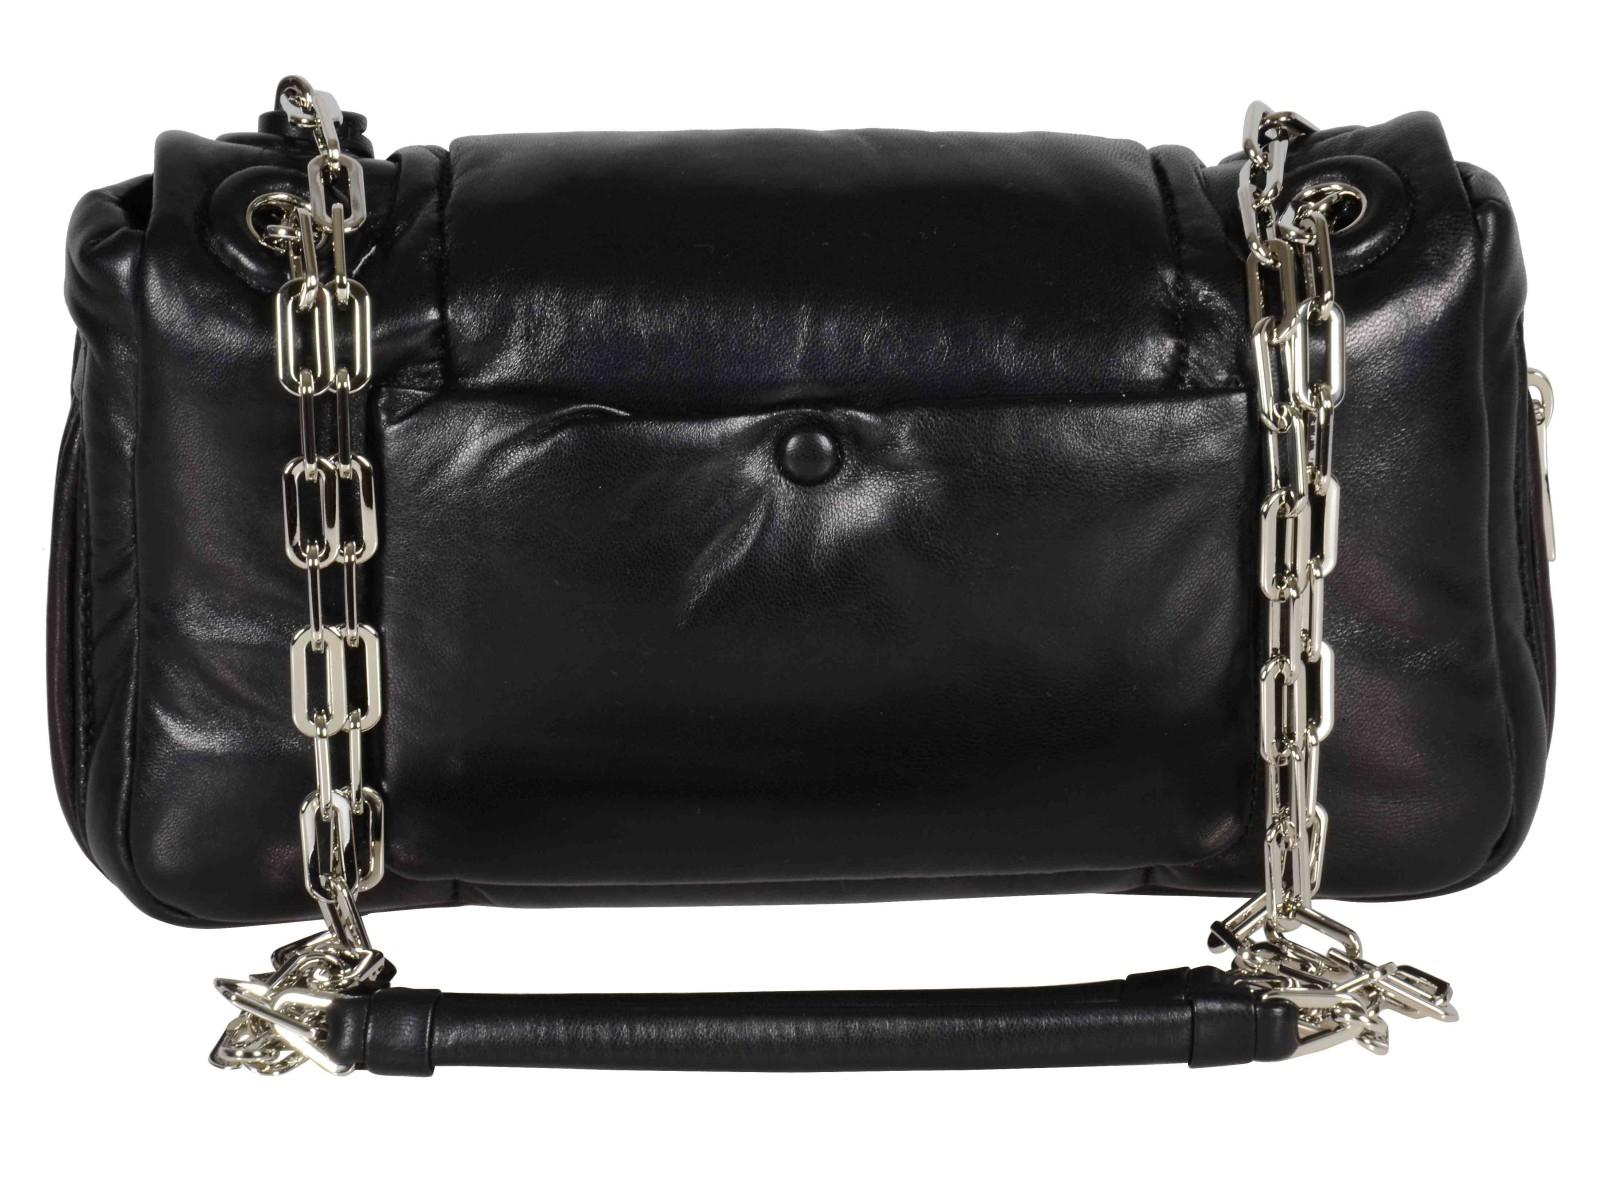 prada hobo bag price - prada nappa mini pochette, prada bags sale online